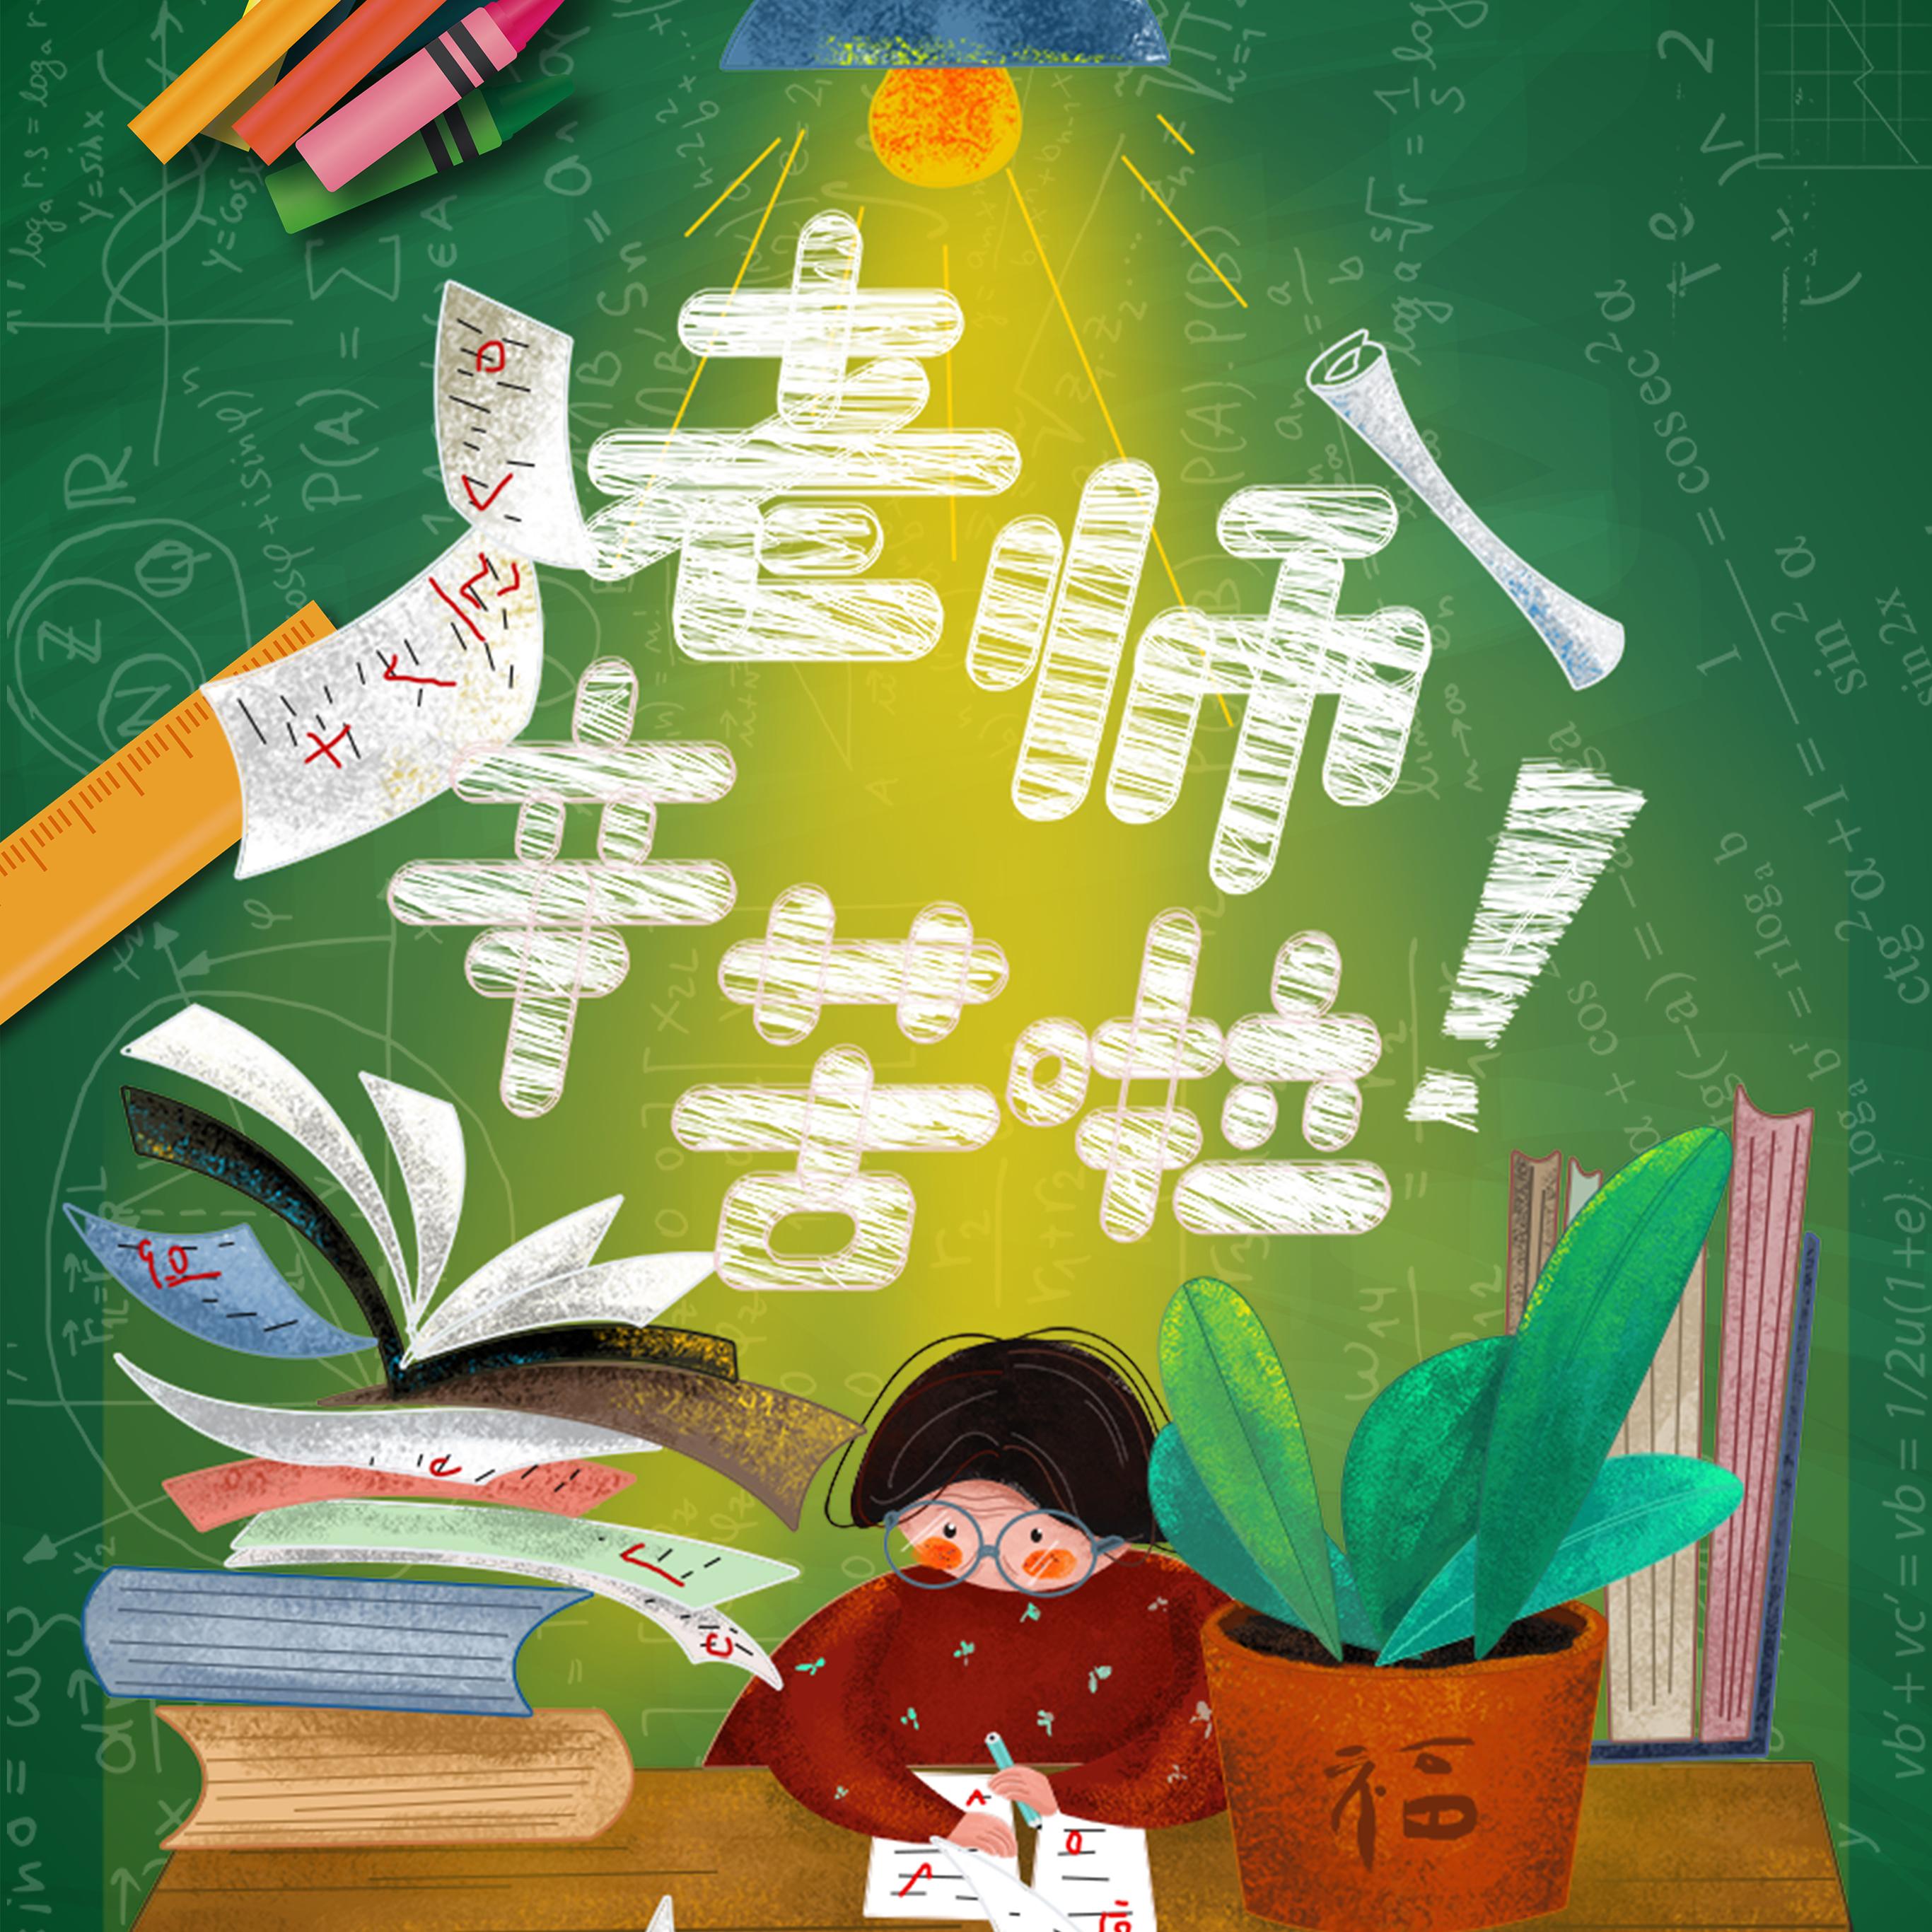 老师辛苦了_教师节 插画 手绘 老师辛苦了